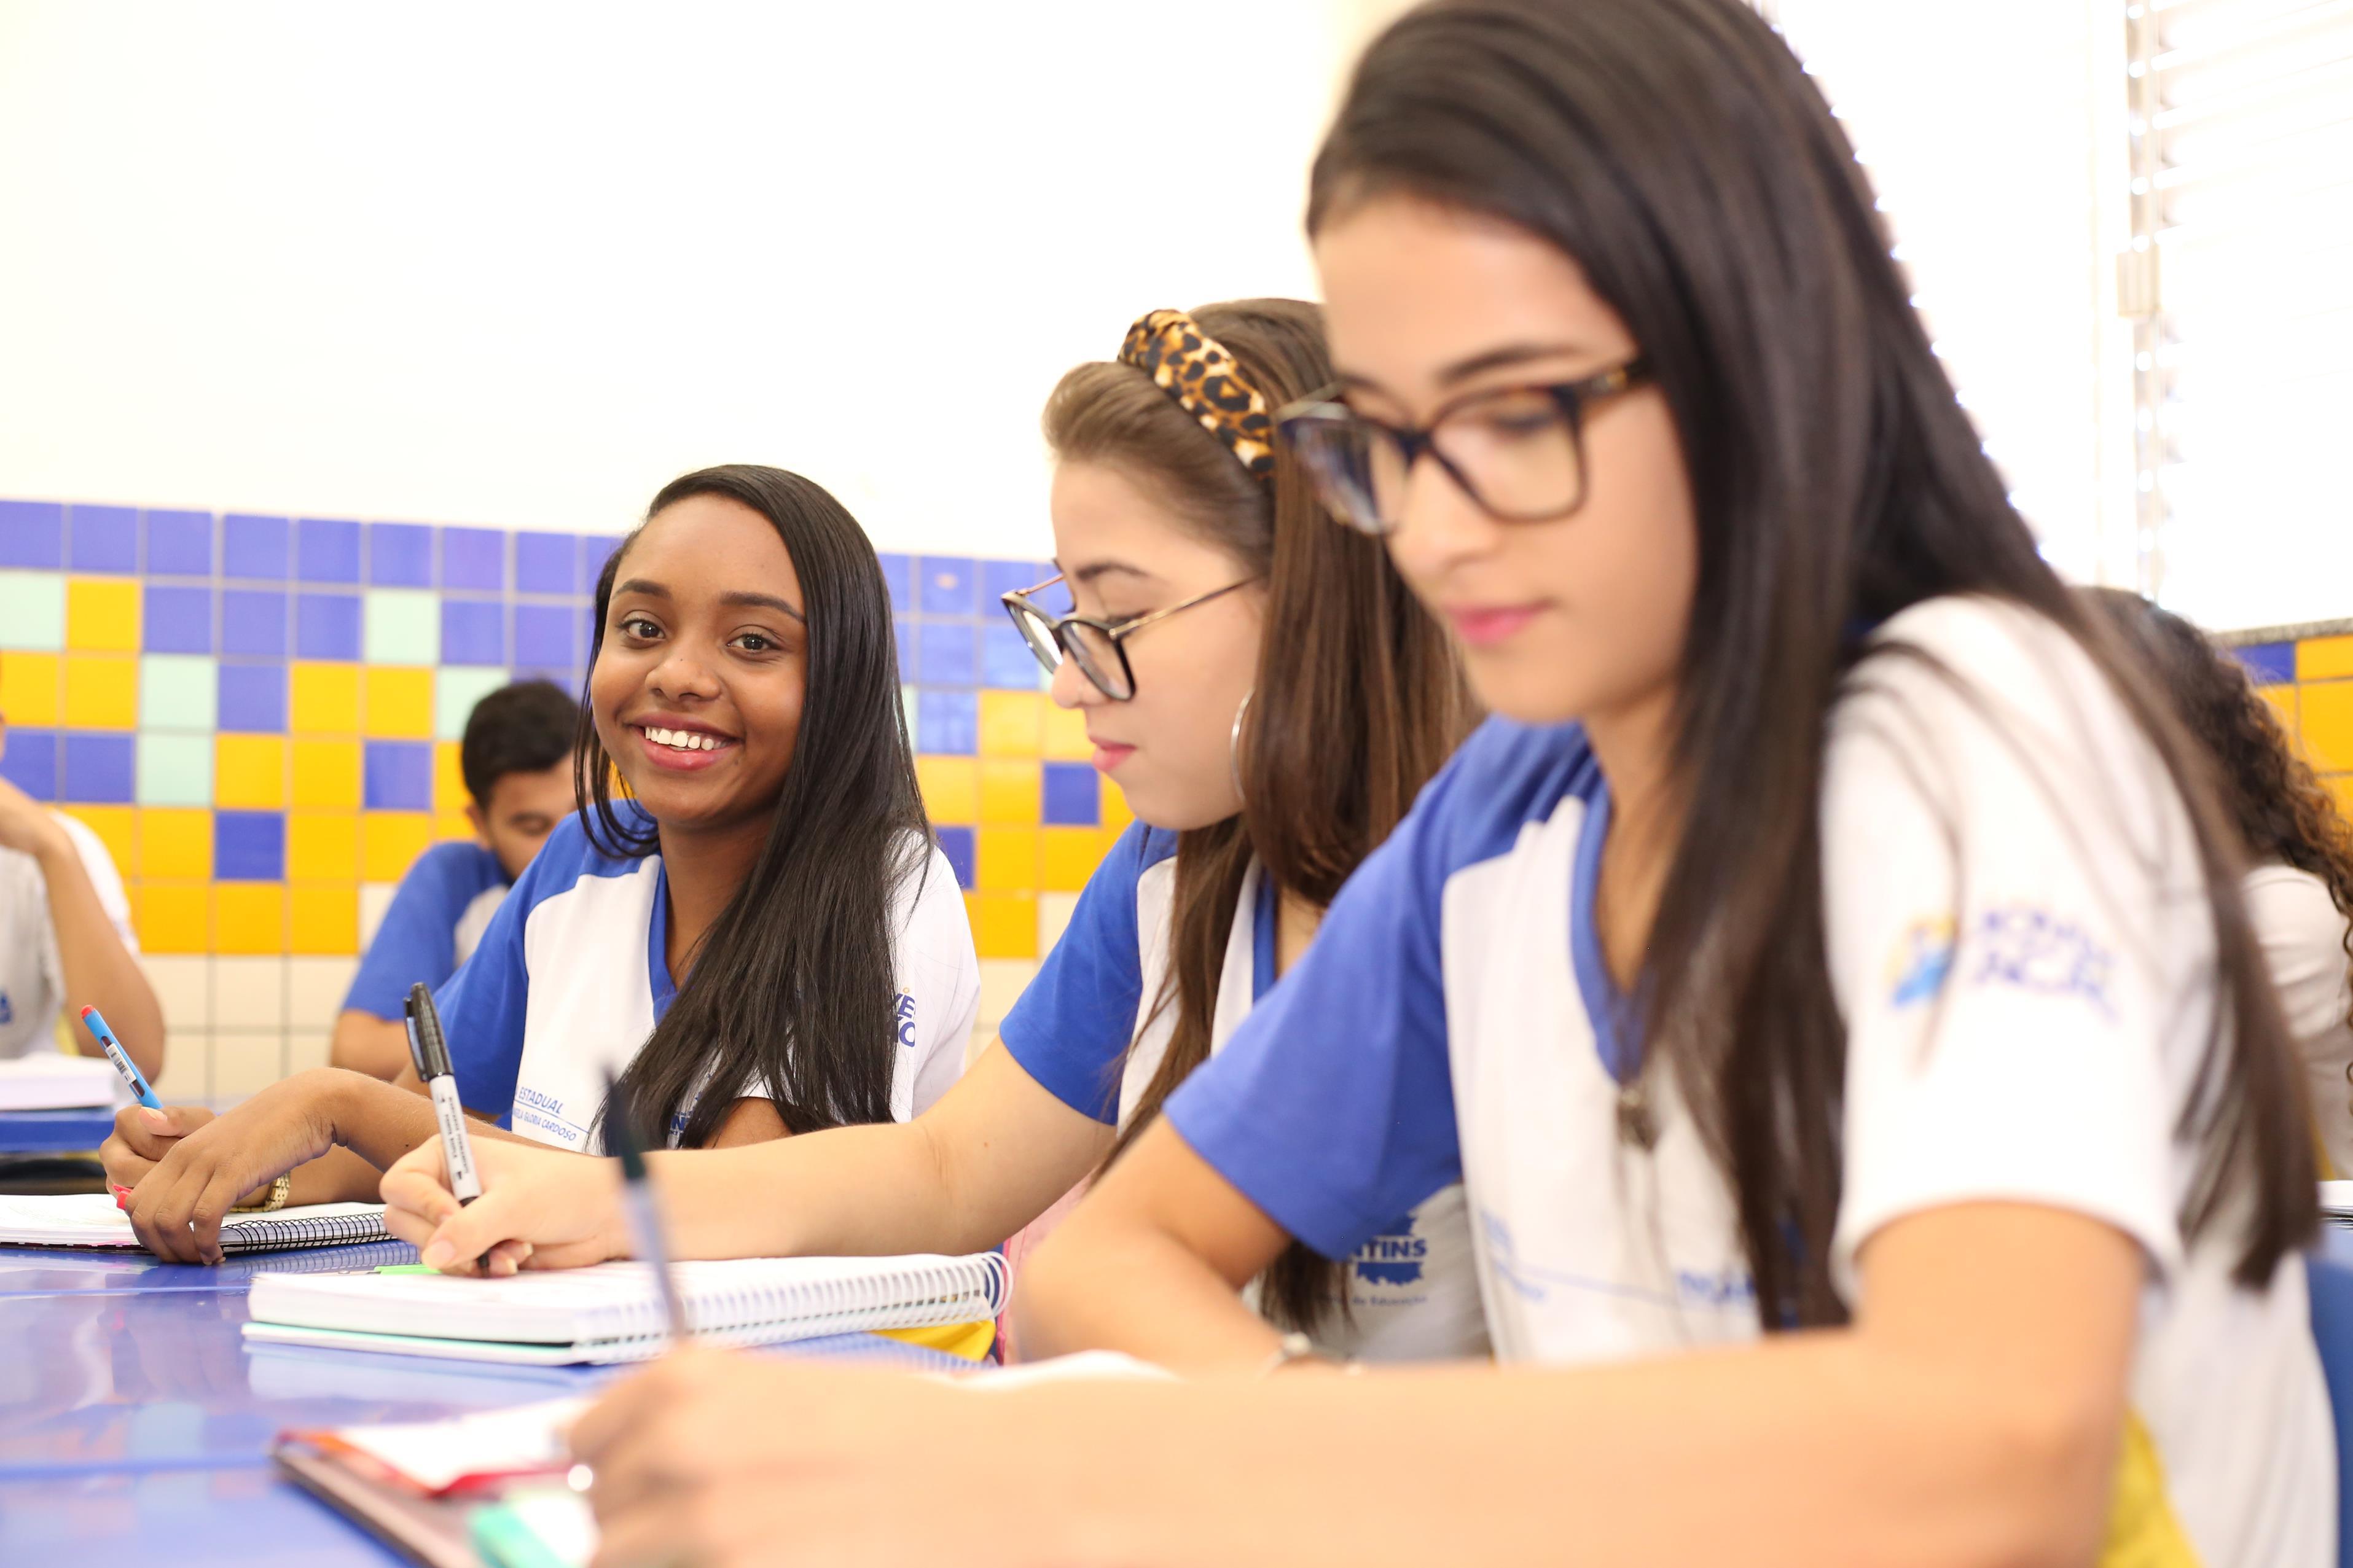 Rede estadual do Tocantins inicia processo de matrículas referentes ao ano letivo de 2020